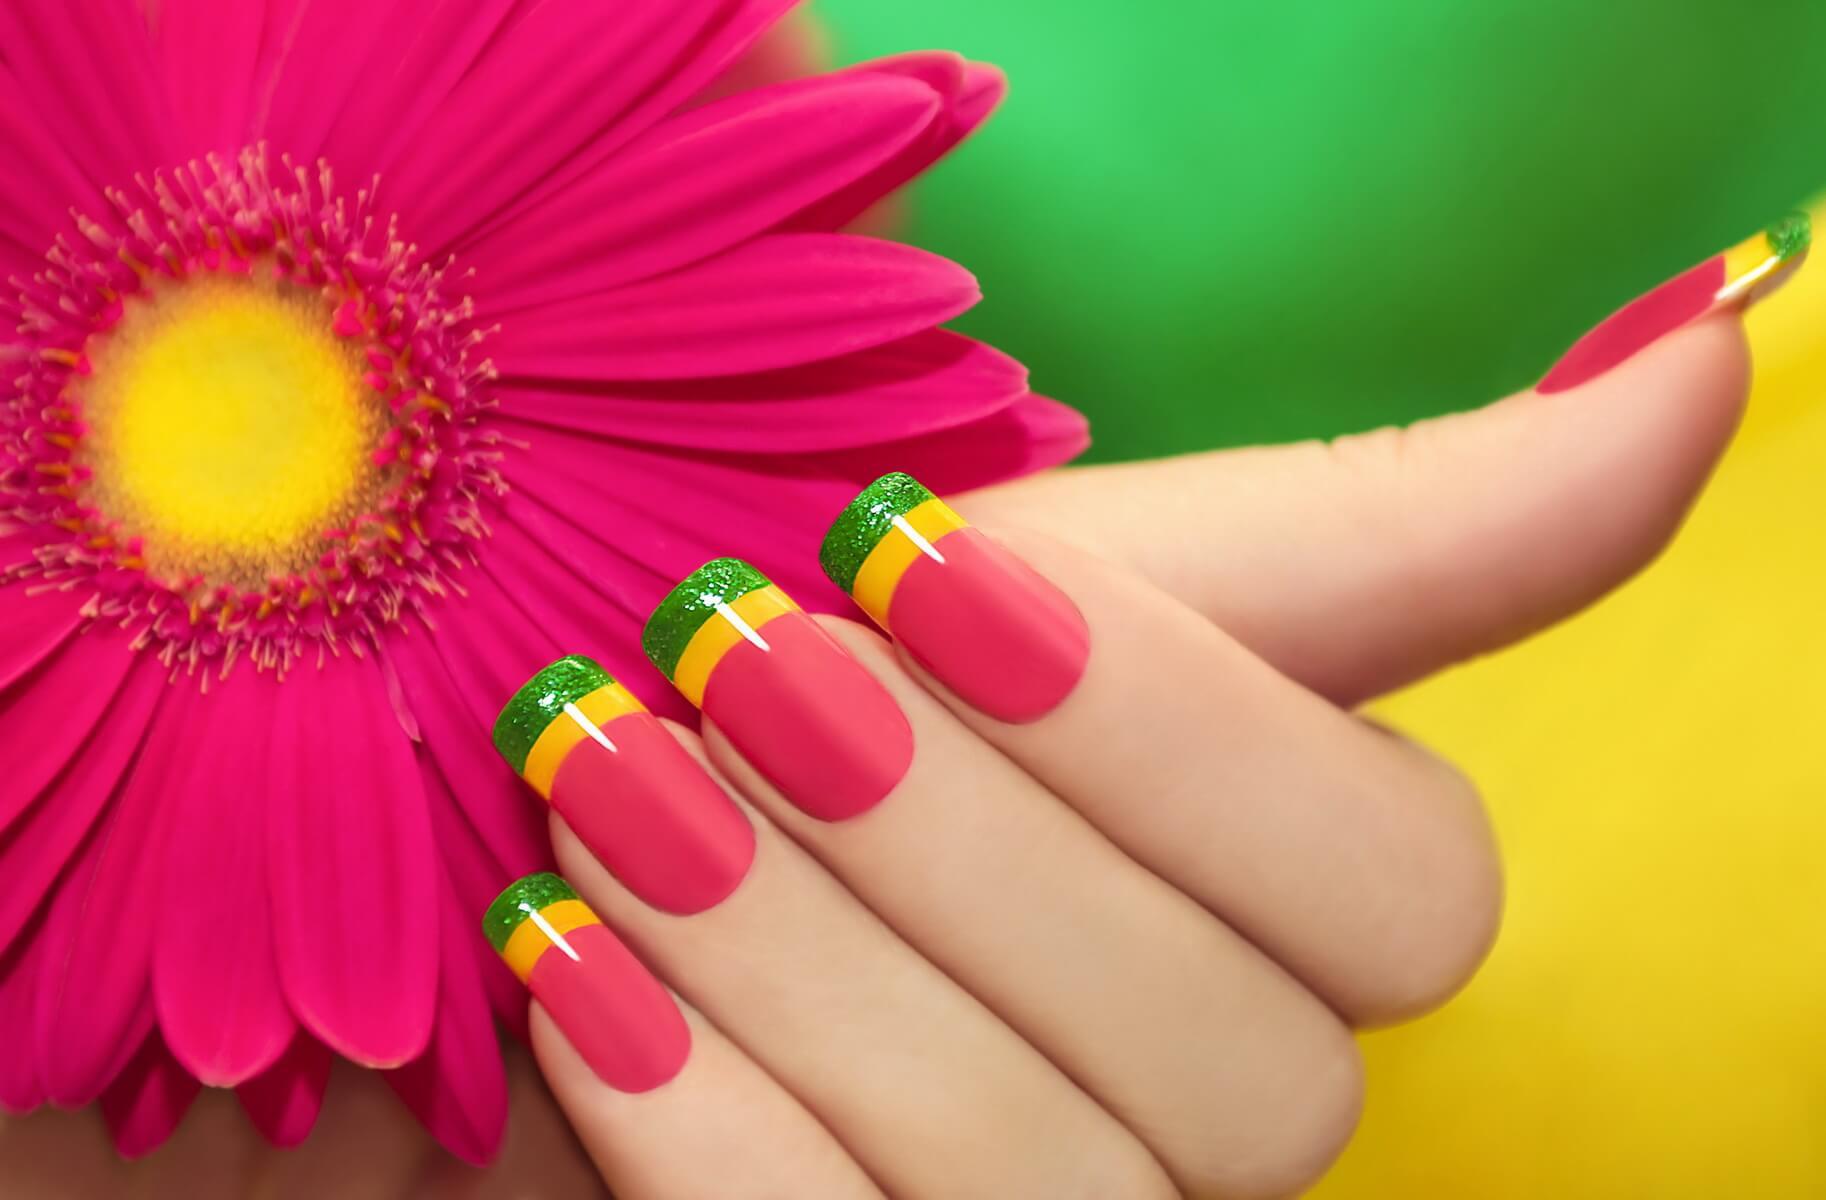 Curso de uñas acrílicas - Técnicas y tendencias